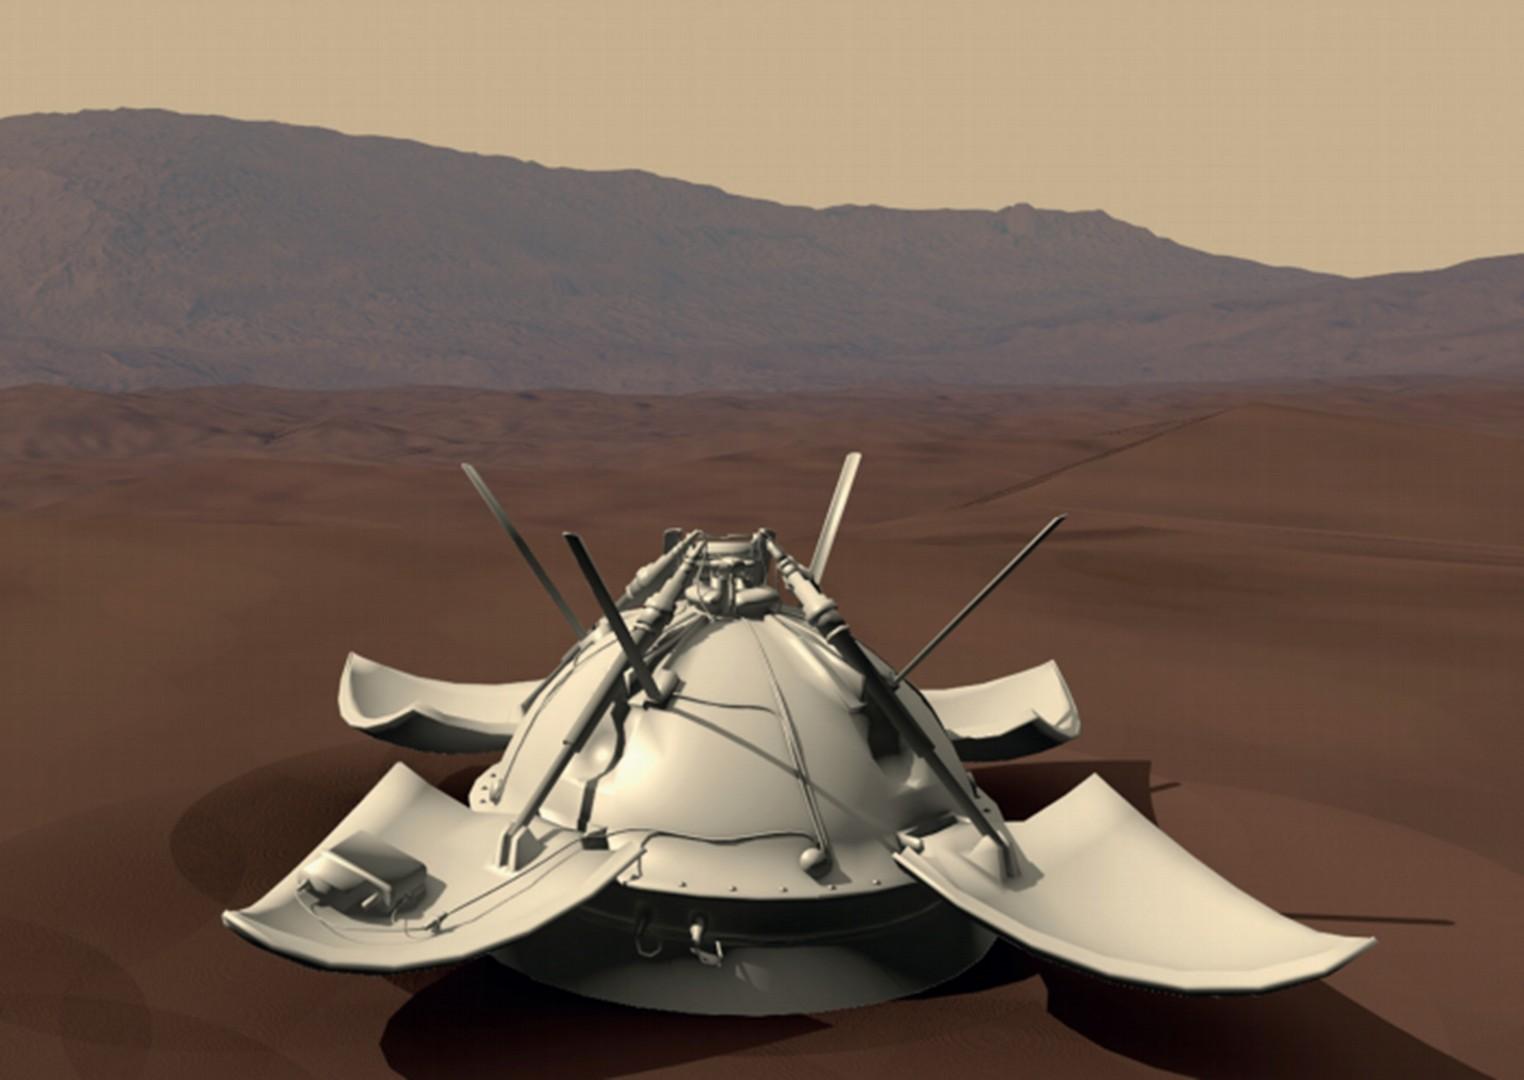 Спускаемый аппарат АМС «Луна-9», благодаря которому  были сделаны первые панорамные снимки на поверхности Луны.